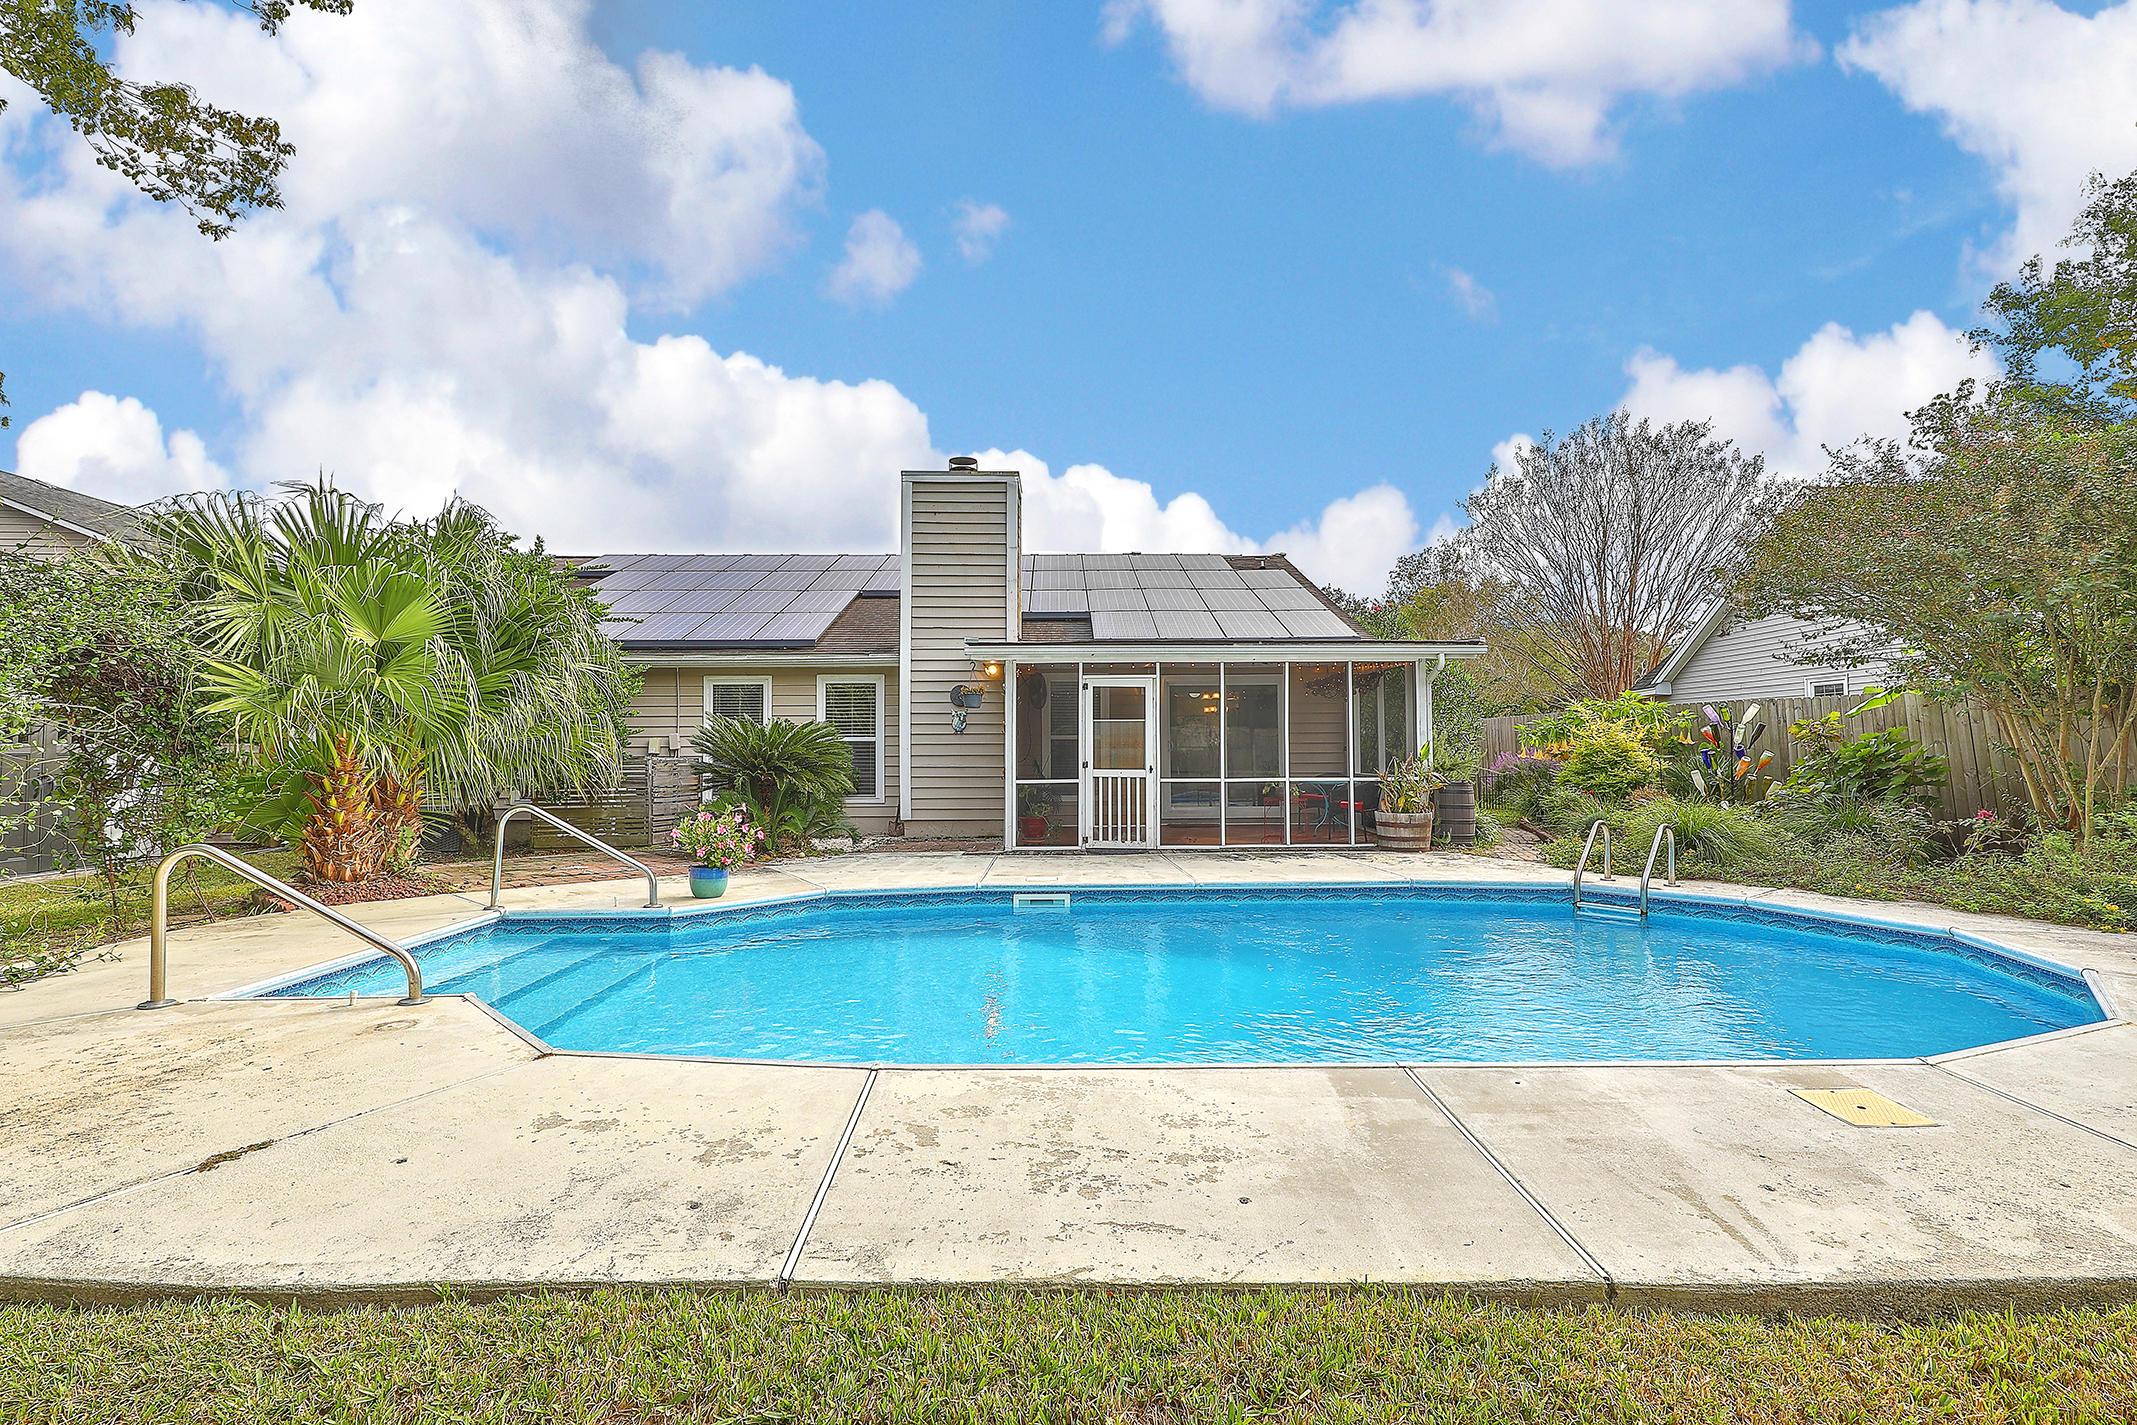 Coopers Landing Homes For Sale - 1474 Hidden Bridge, Mount Pleasant, SC - 20